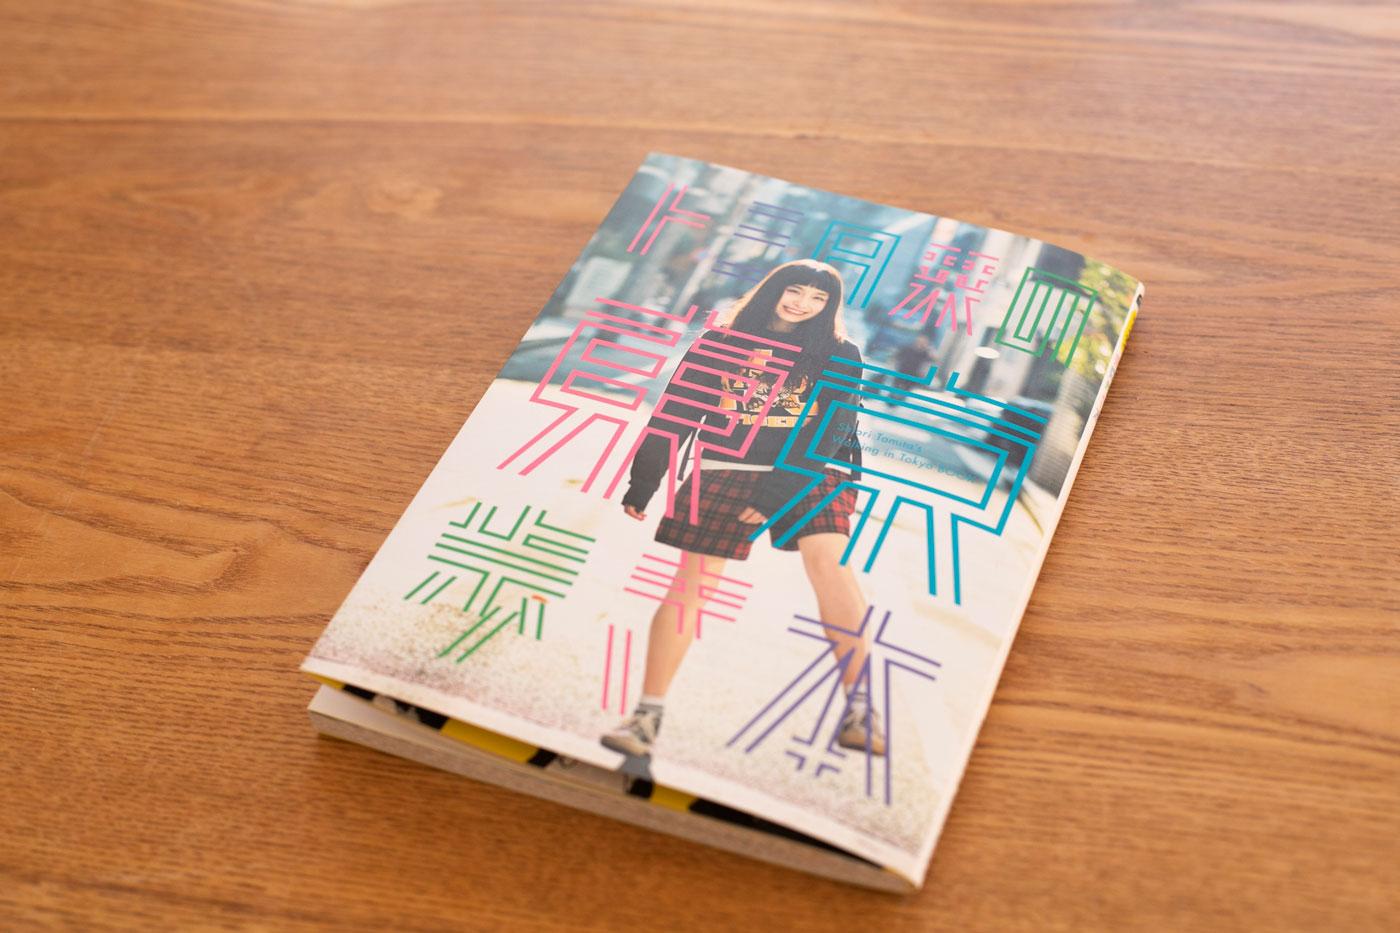 トミタ栞の東京歩き本